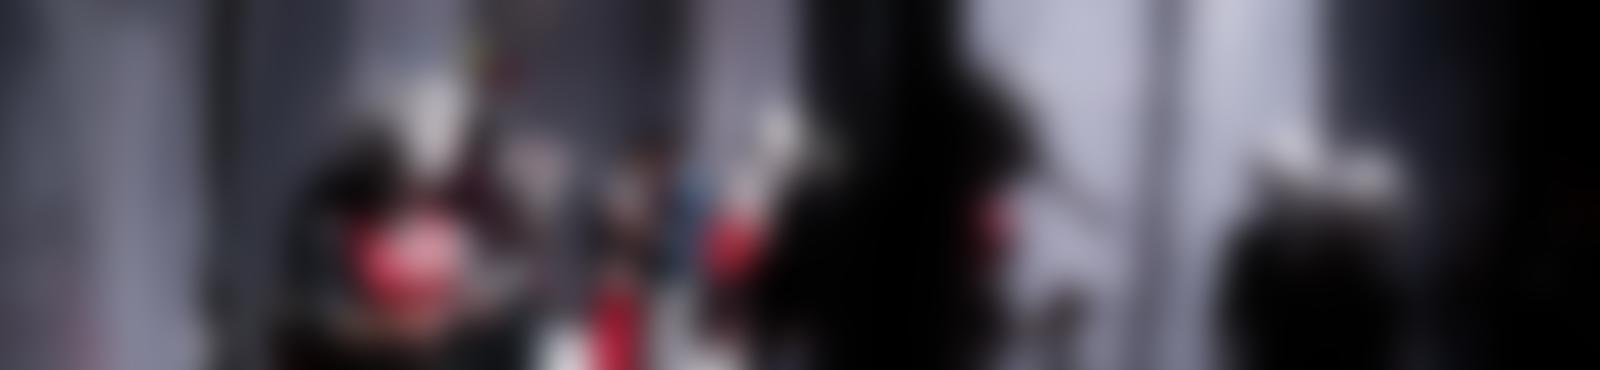 Blurred 2e8e0560 b59a 4786 a330 cc78a2d7227a